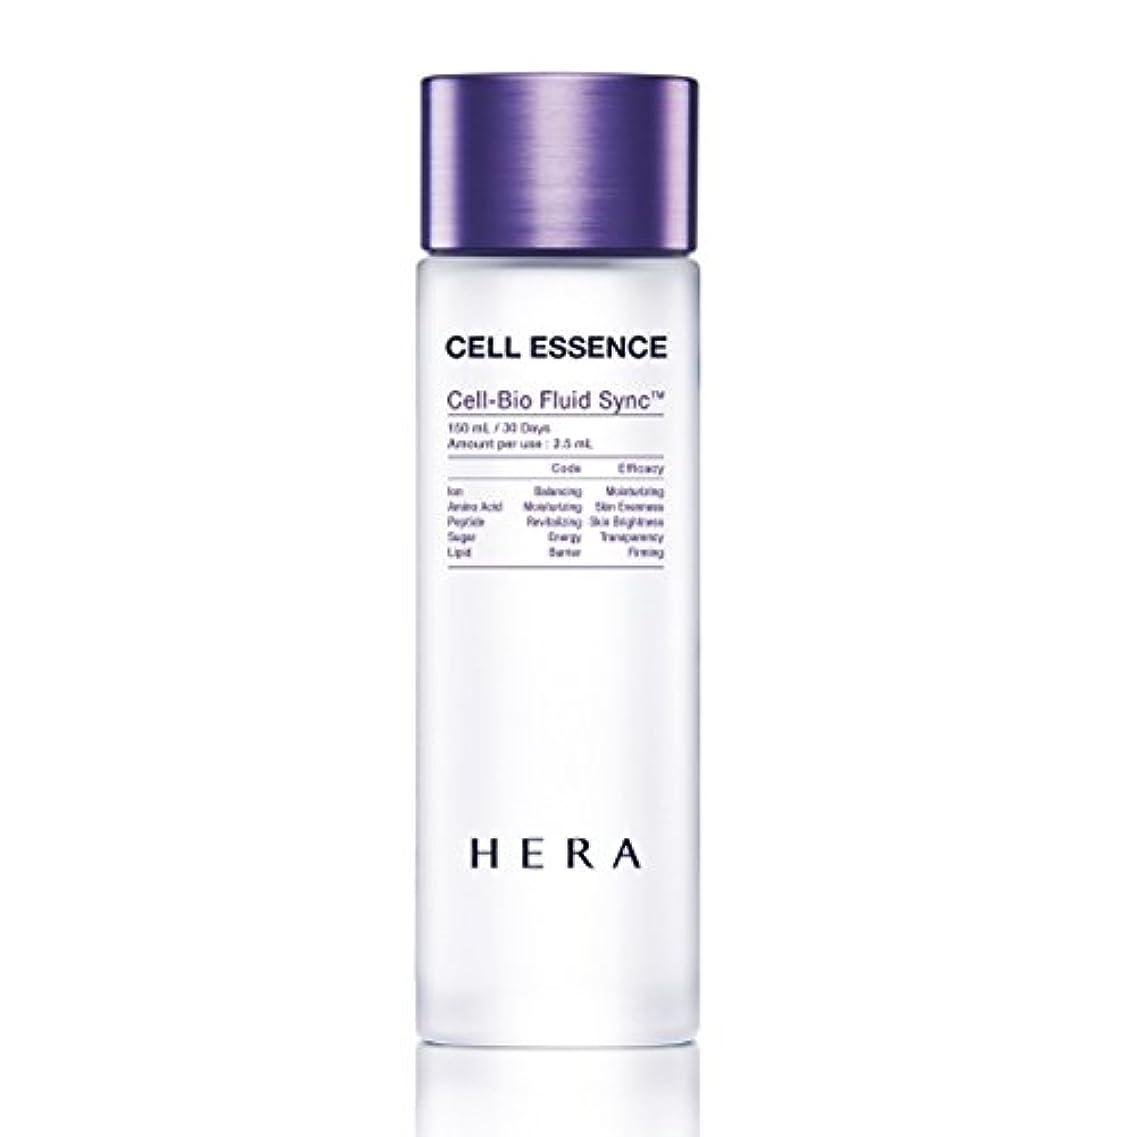 写真を描く荒らす故国[ヘラ/HERA]HERA CELL ESSENCE/ヘラ セル エッセンス 150ml【美容液】(海外直送品)